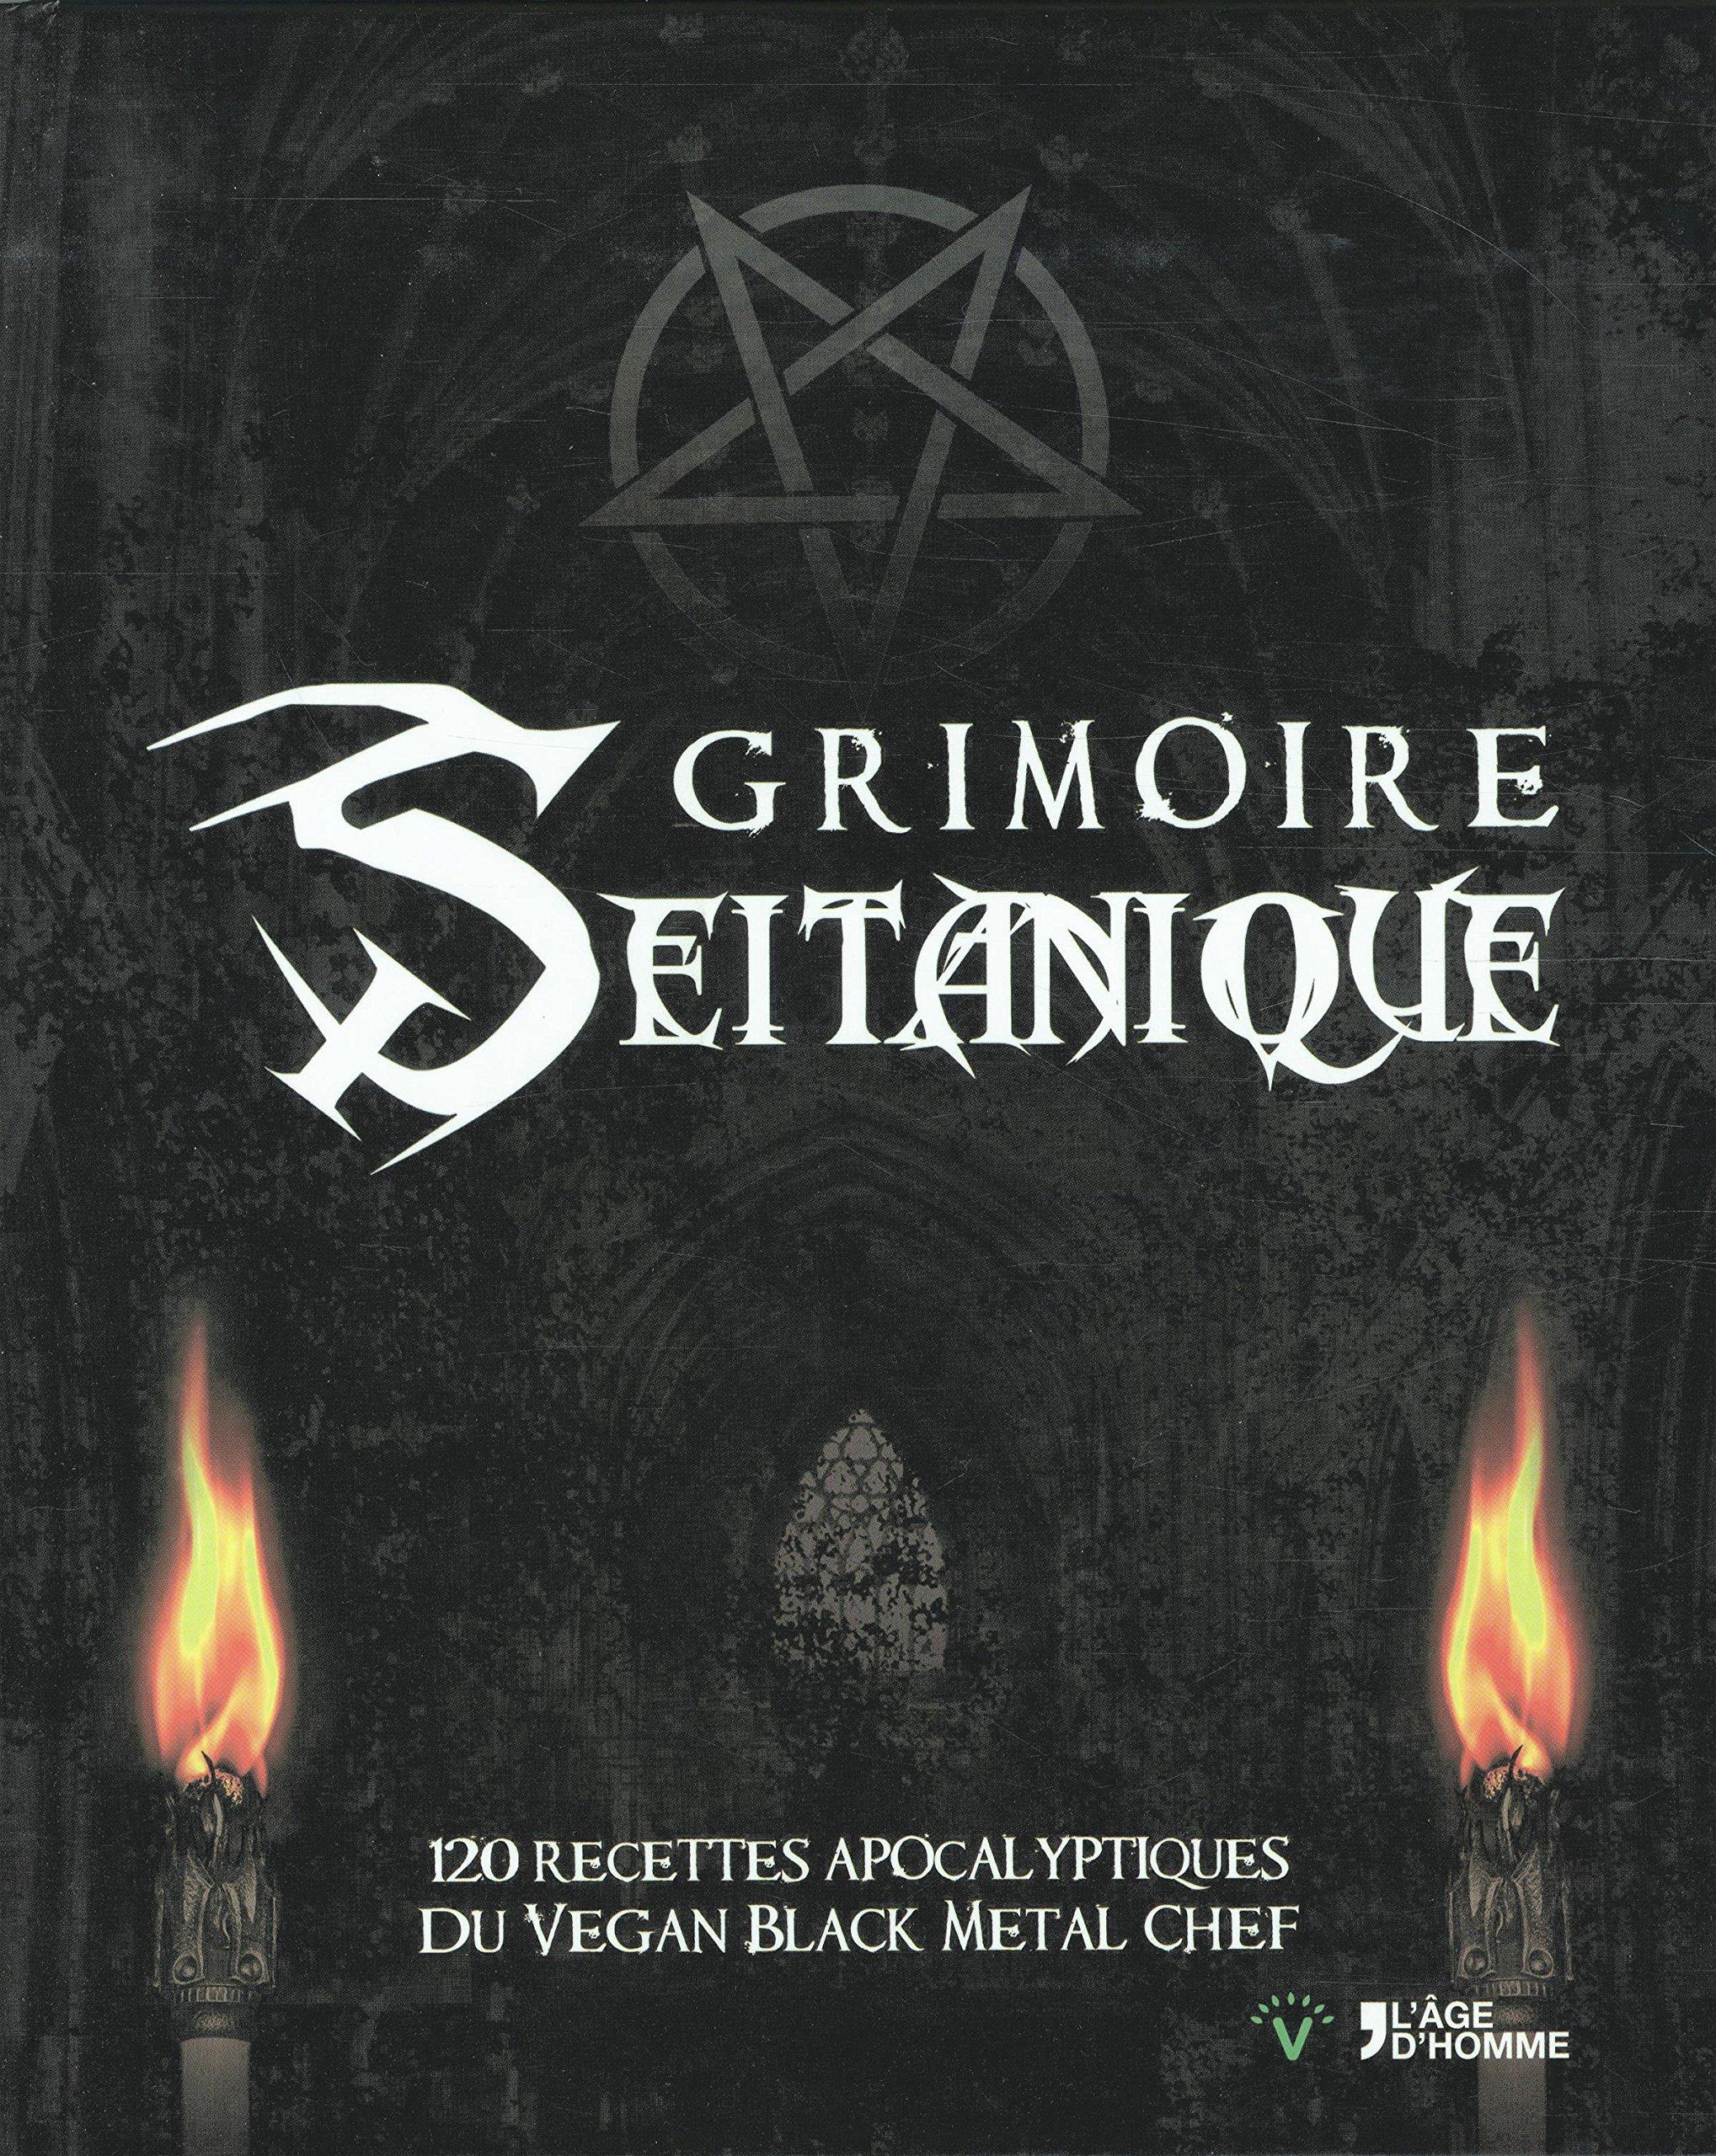 Grimoire seitanique : 120 recettes apocalyptiques du vegan black metal chef